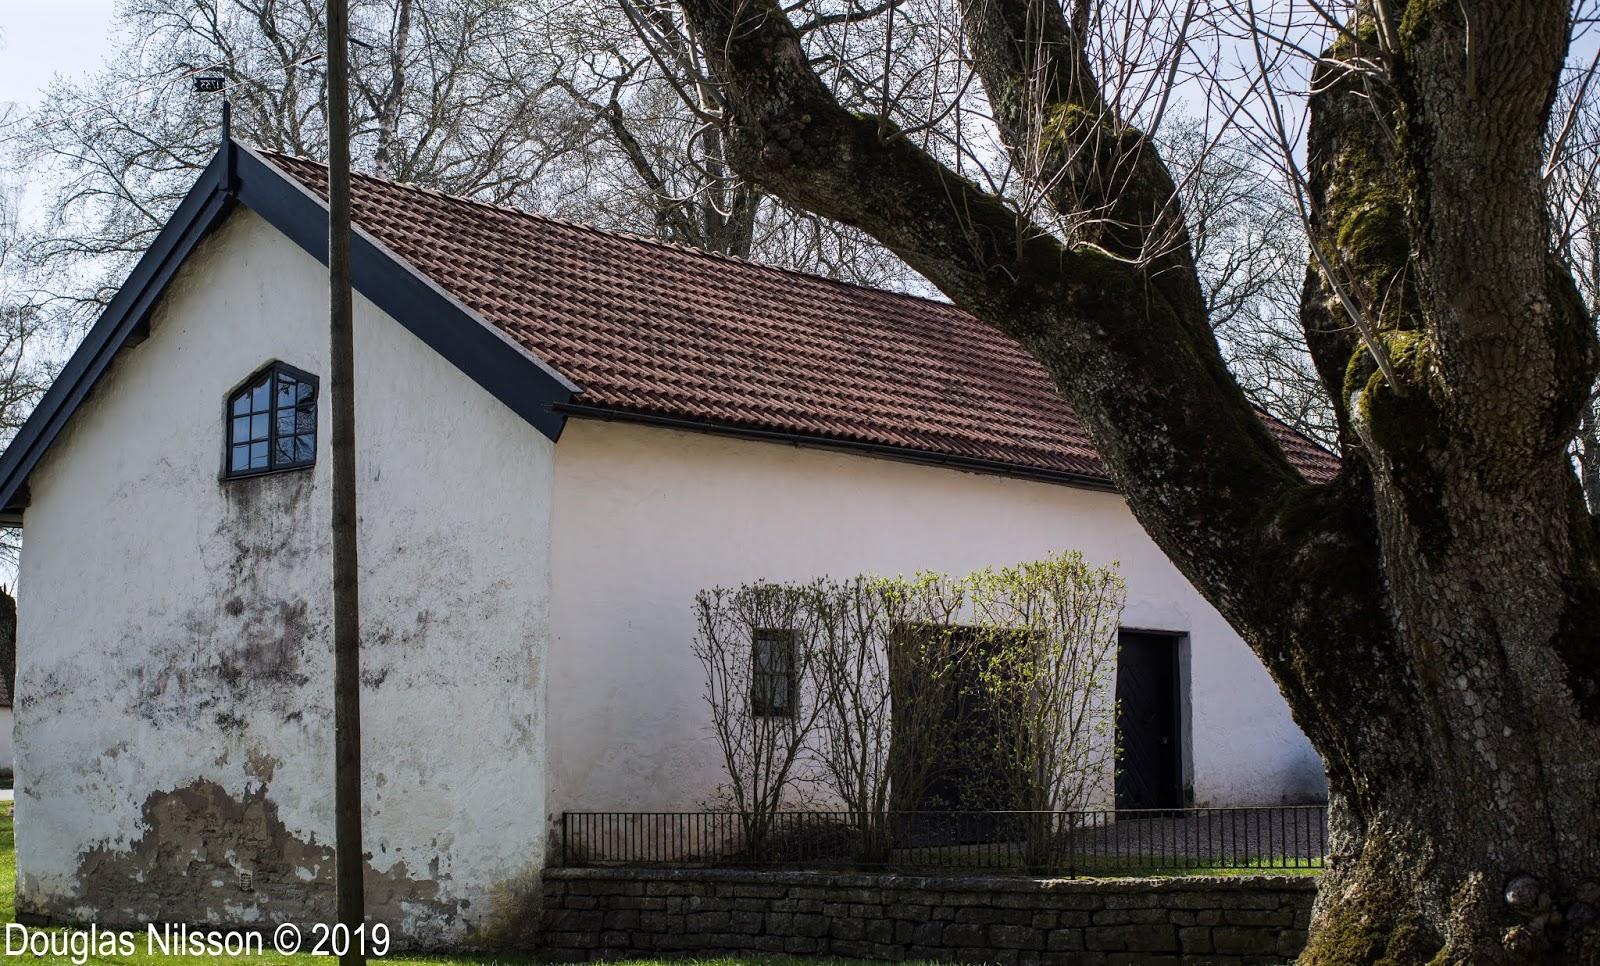 Norra Kyrketorps gamla kyrka (Skovde) - 2020 - TripAdvisor